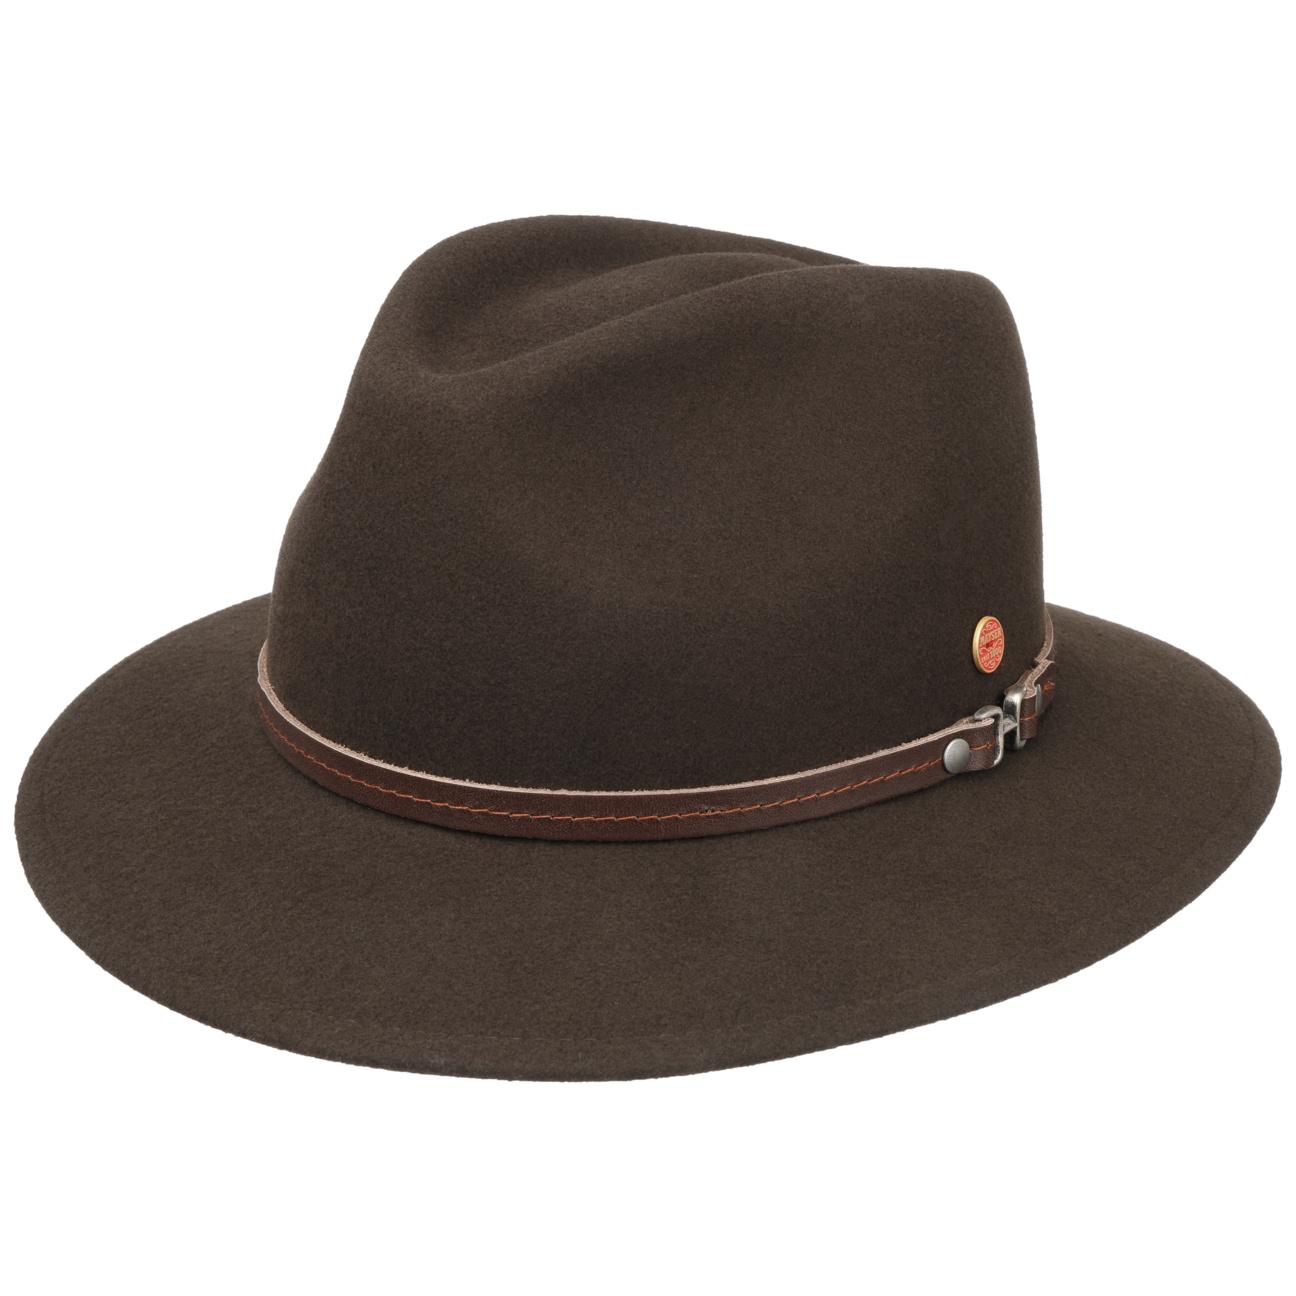 Chapeau Mathis Trekking by Mayser  chapeau de feutre